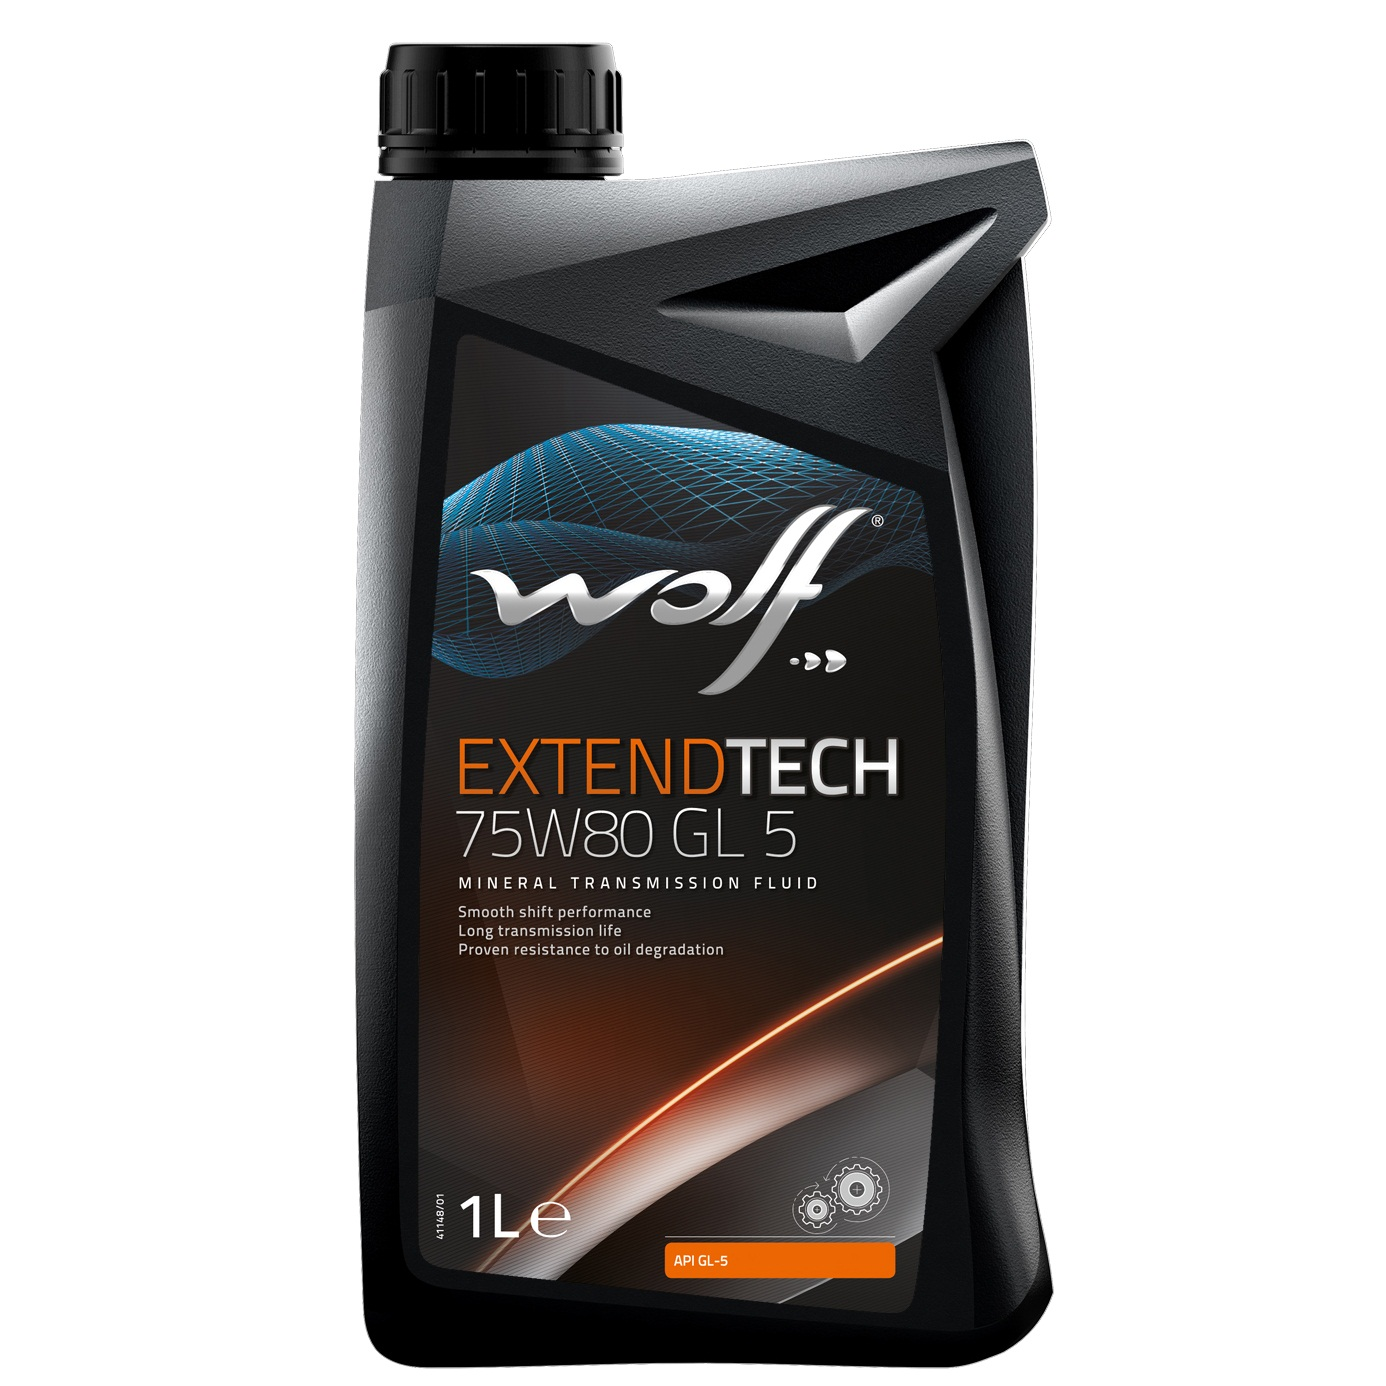 Ulei pentru cutie viteze manuala Wolf Extendtech GL 5 75W80 1L